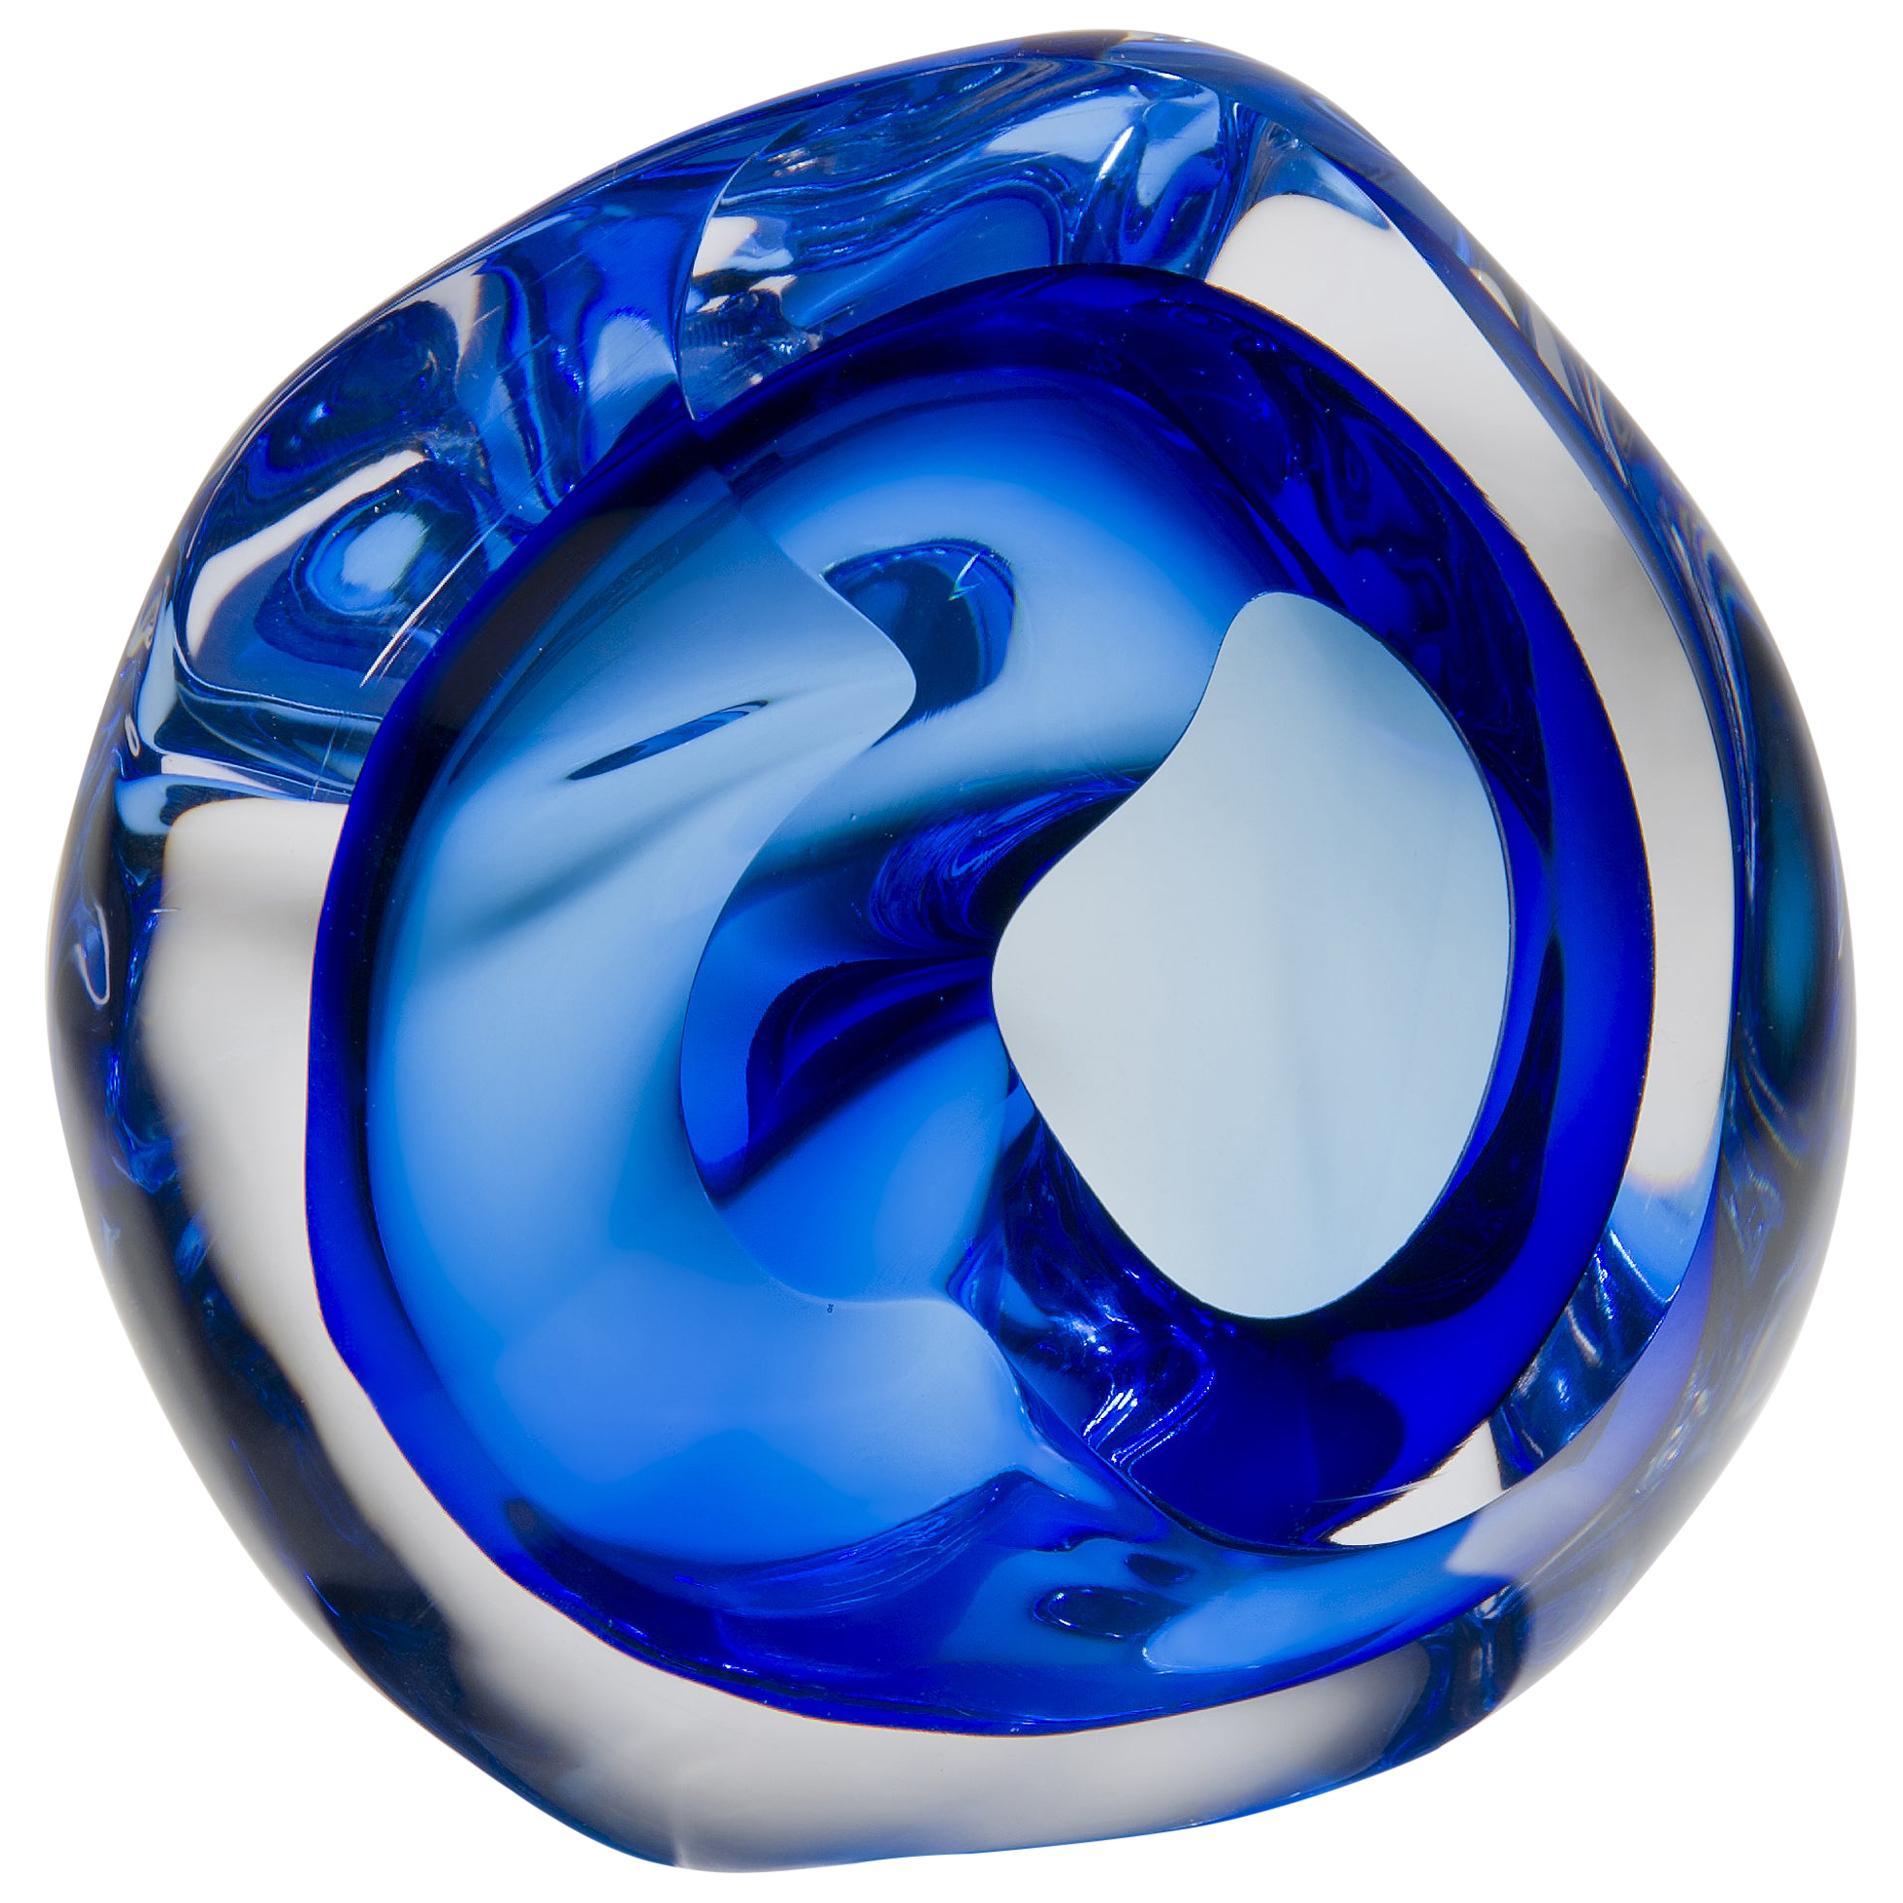 Vug in Blue, a Unique Glass Sculpture by Samantha Donaldson